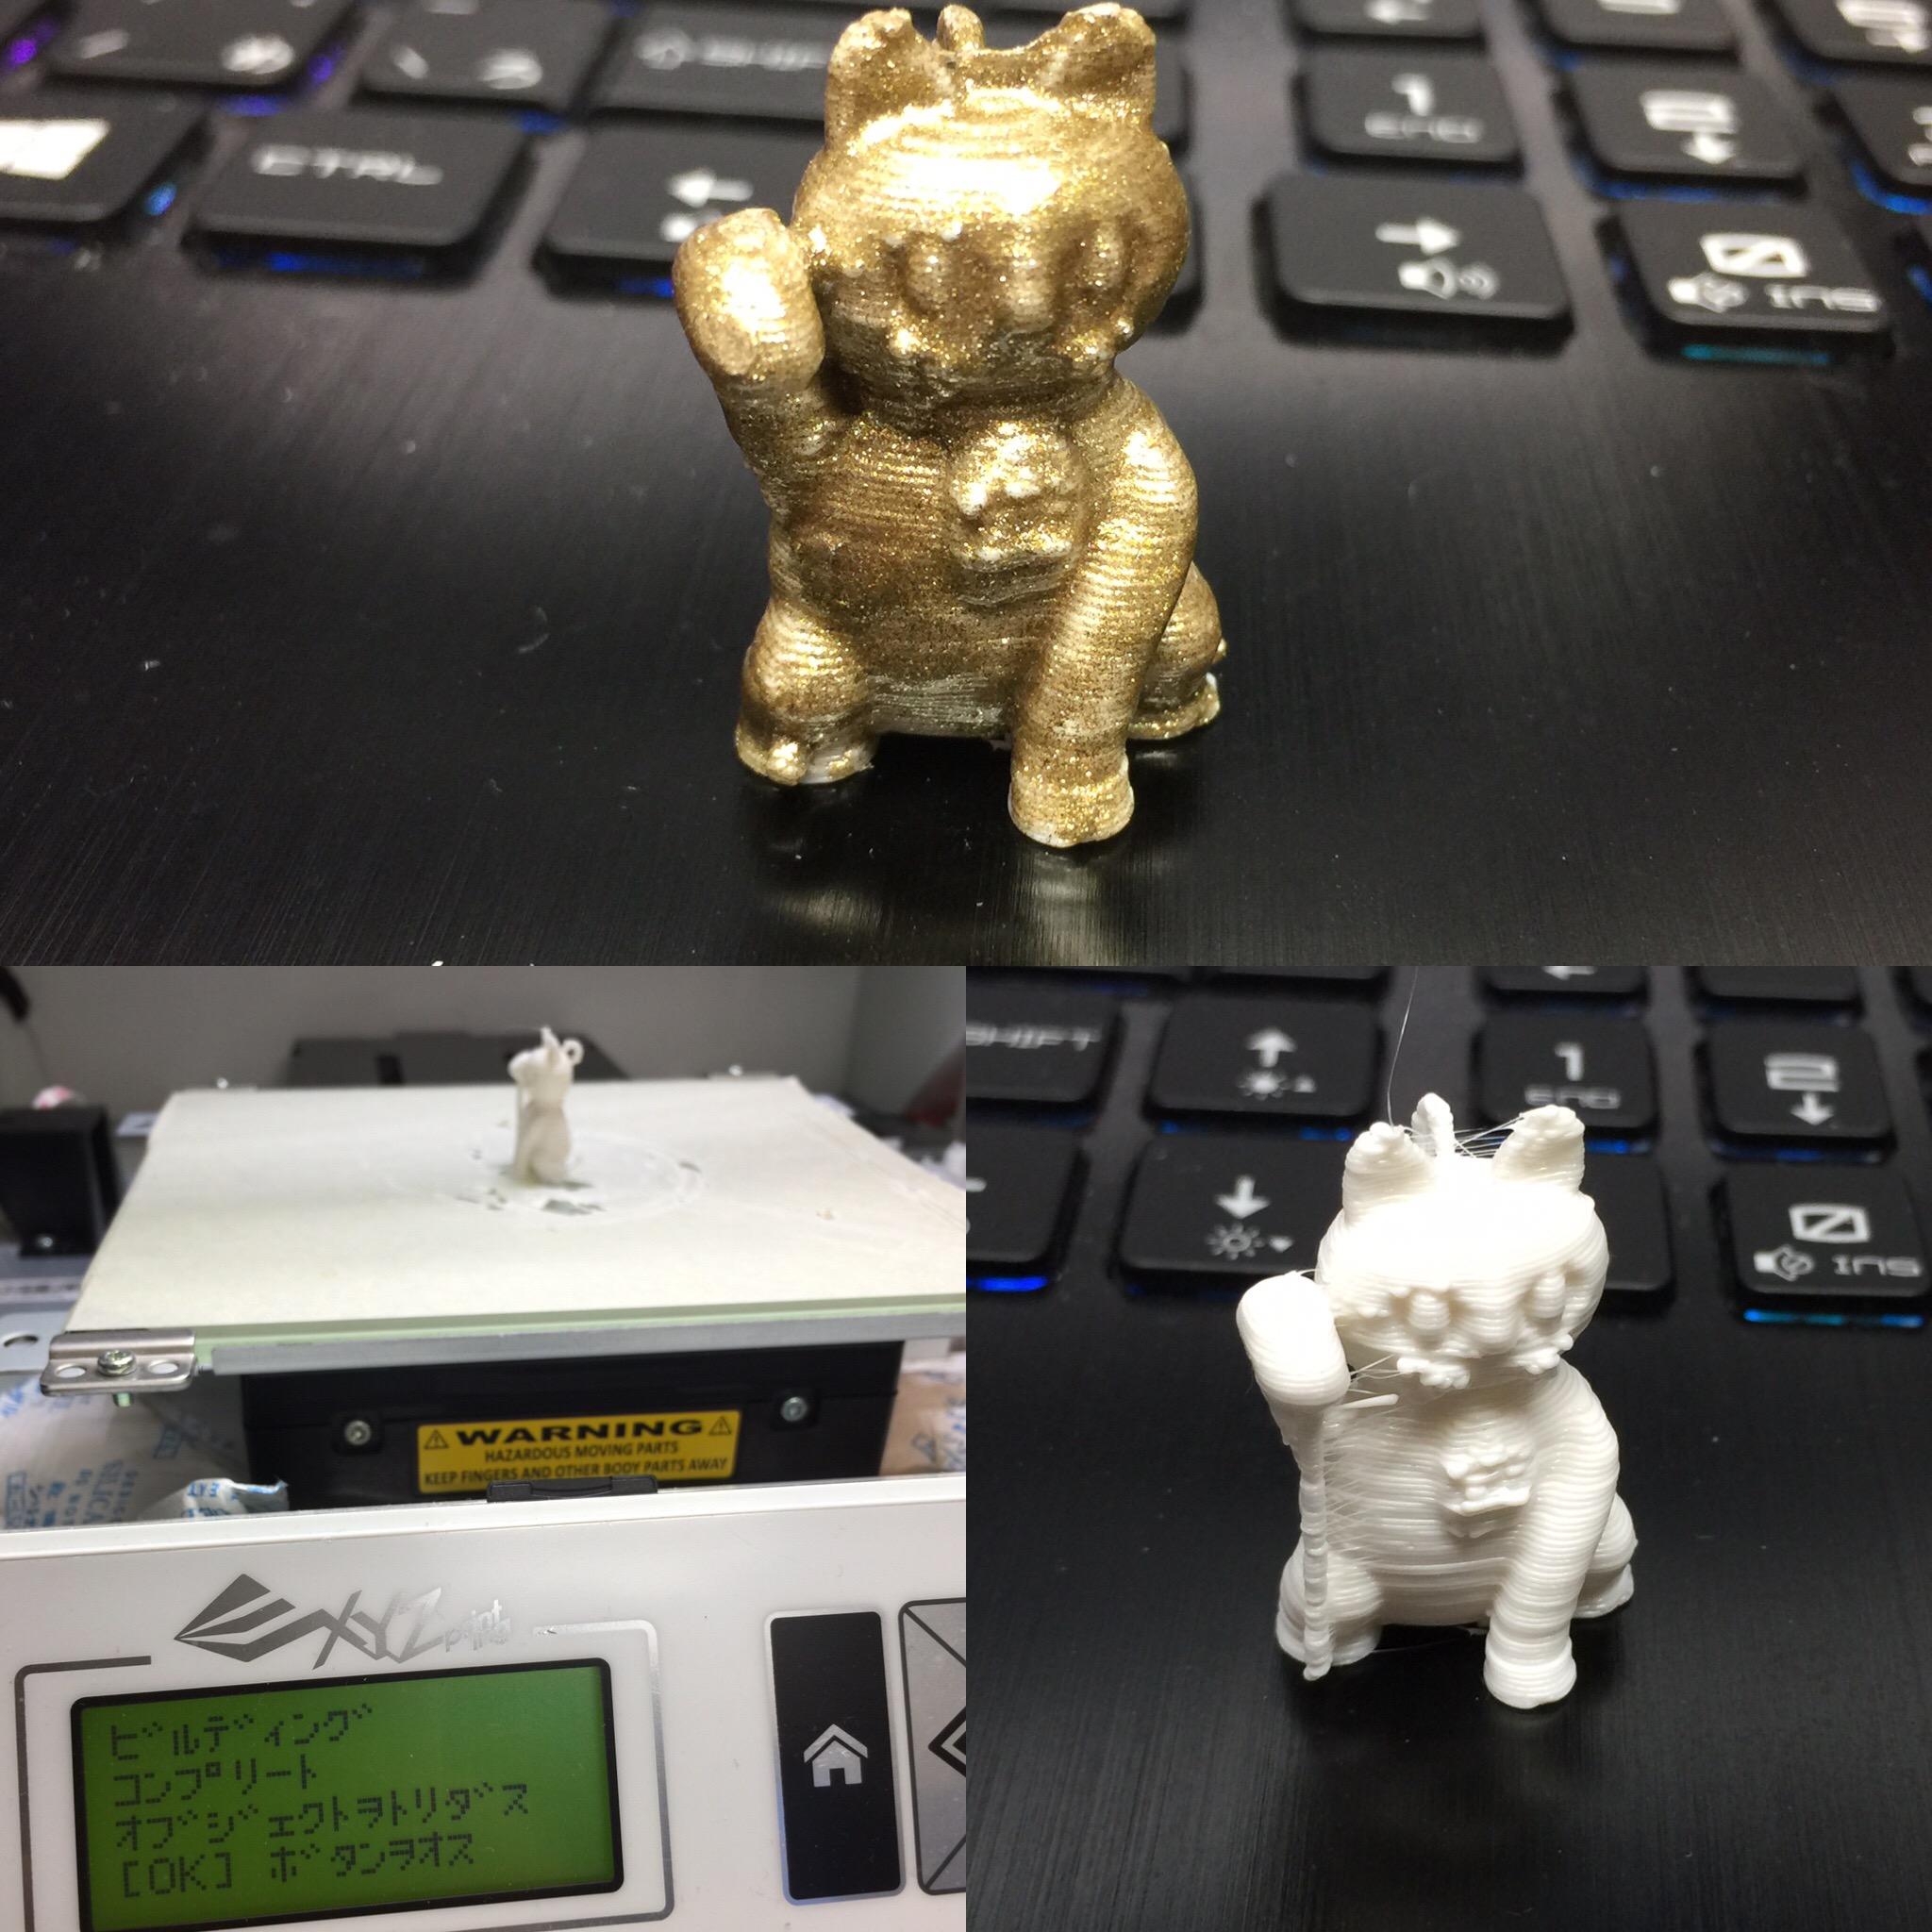 お正月なので縁起物 金の招きネコ 3Dプリンター製です。